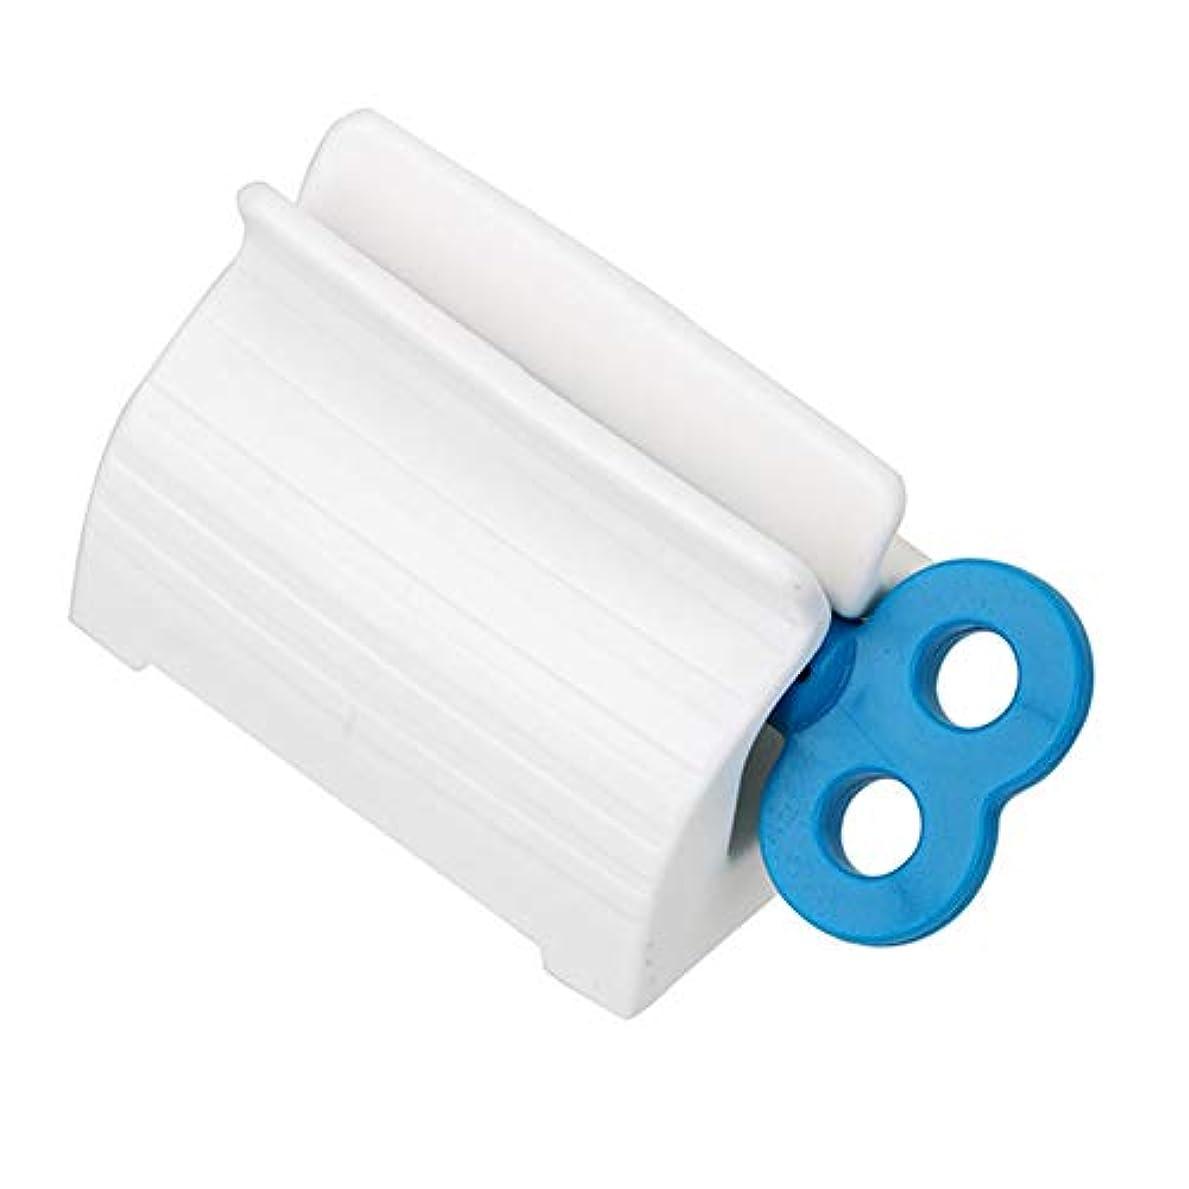 めまいが授業料同級生ローリングチューブ歯磨き粉スクイーザー小説回転ハンドルディスペンサー超便利なセーバー多目的吸盤簡単浴室用プラスチックスタンドホルダー